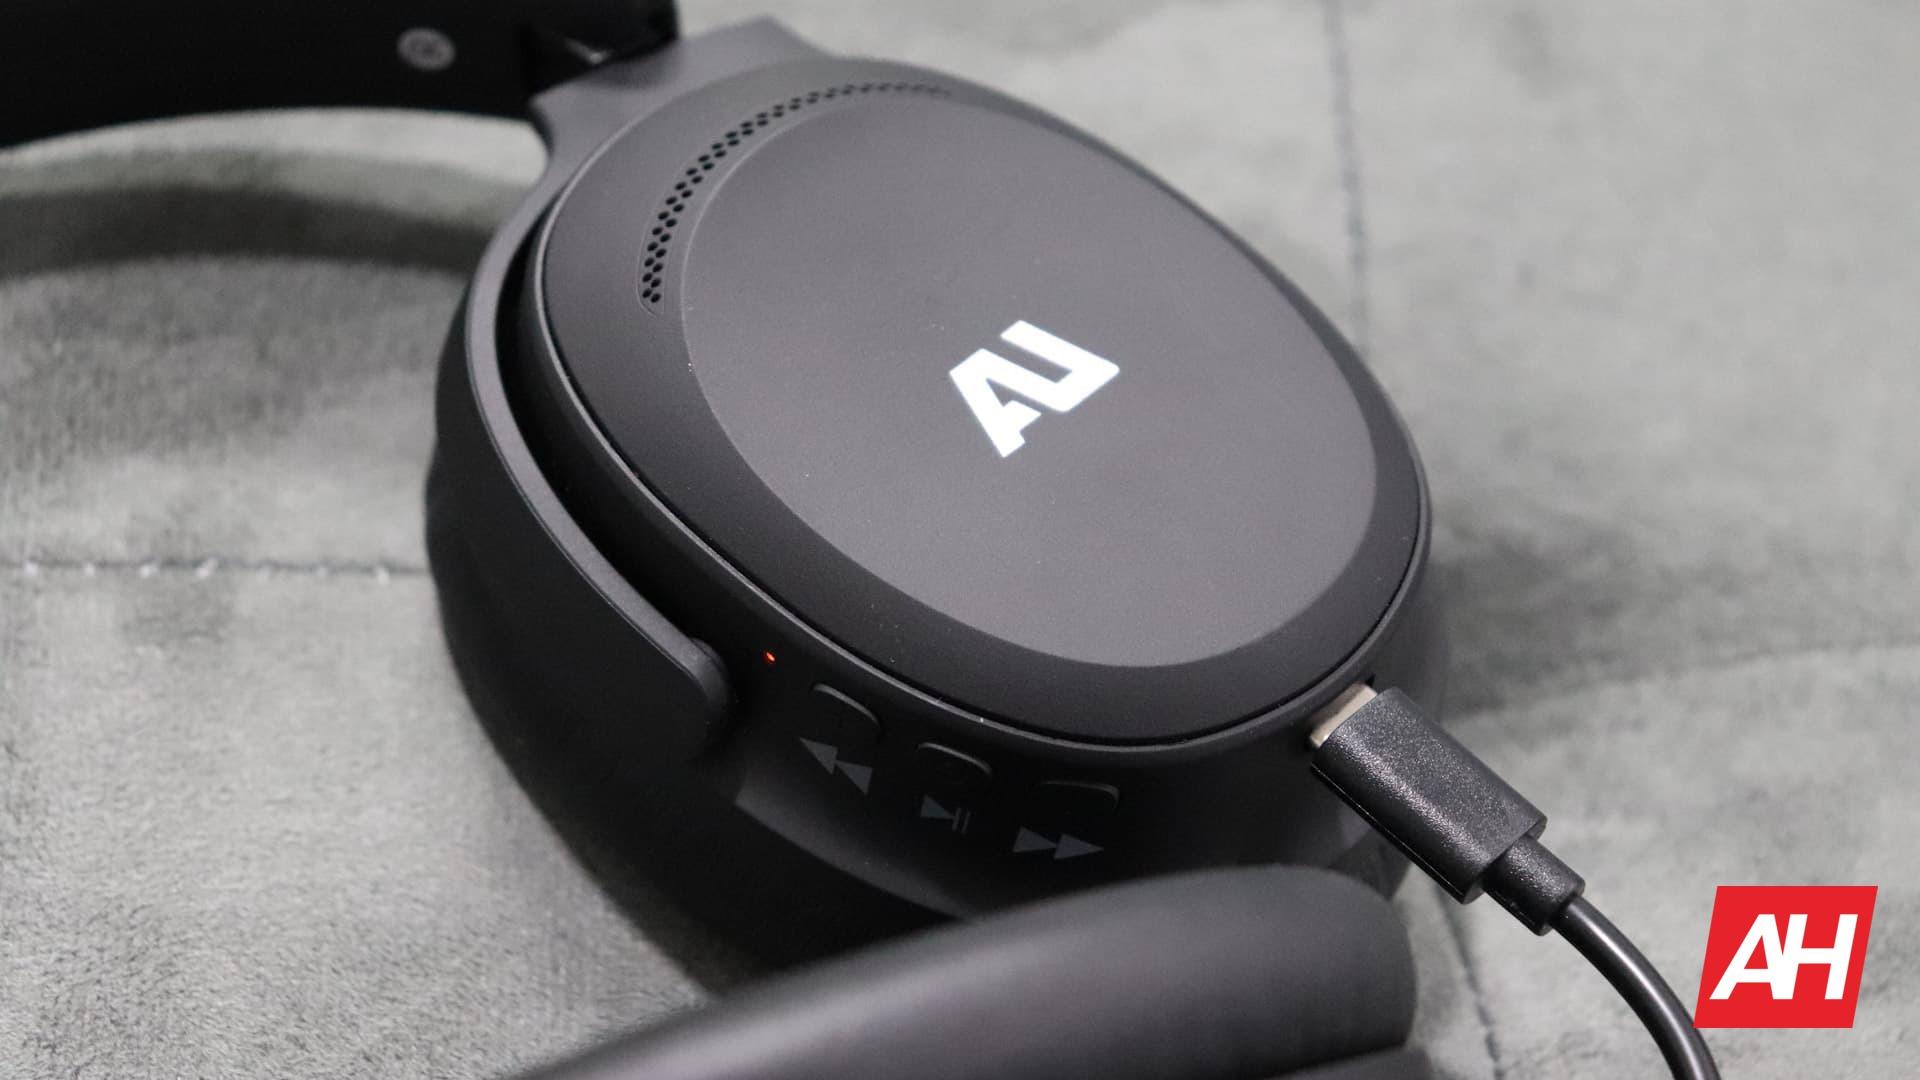 03 Ausounds AU XT ANC review Battery DG AH 2021